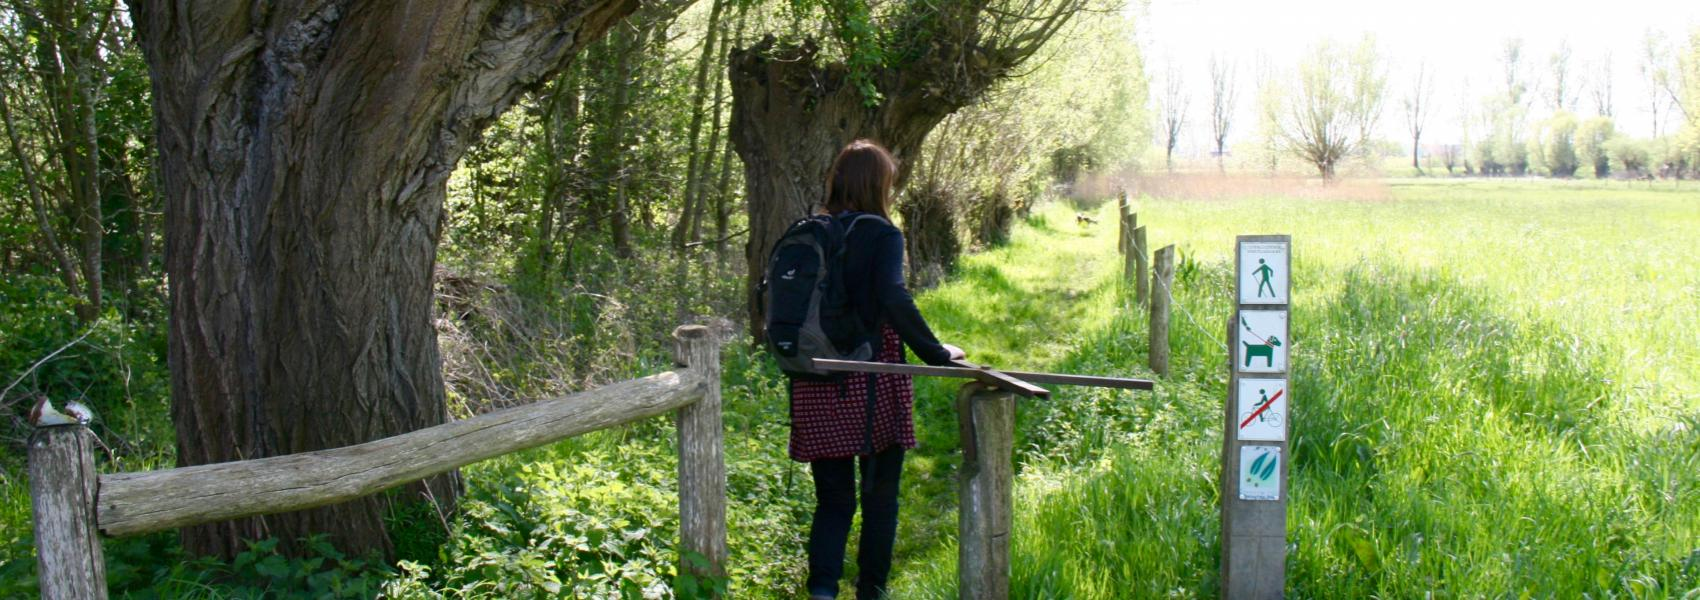 wandelaar bij wandelsas